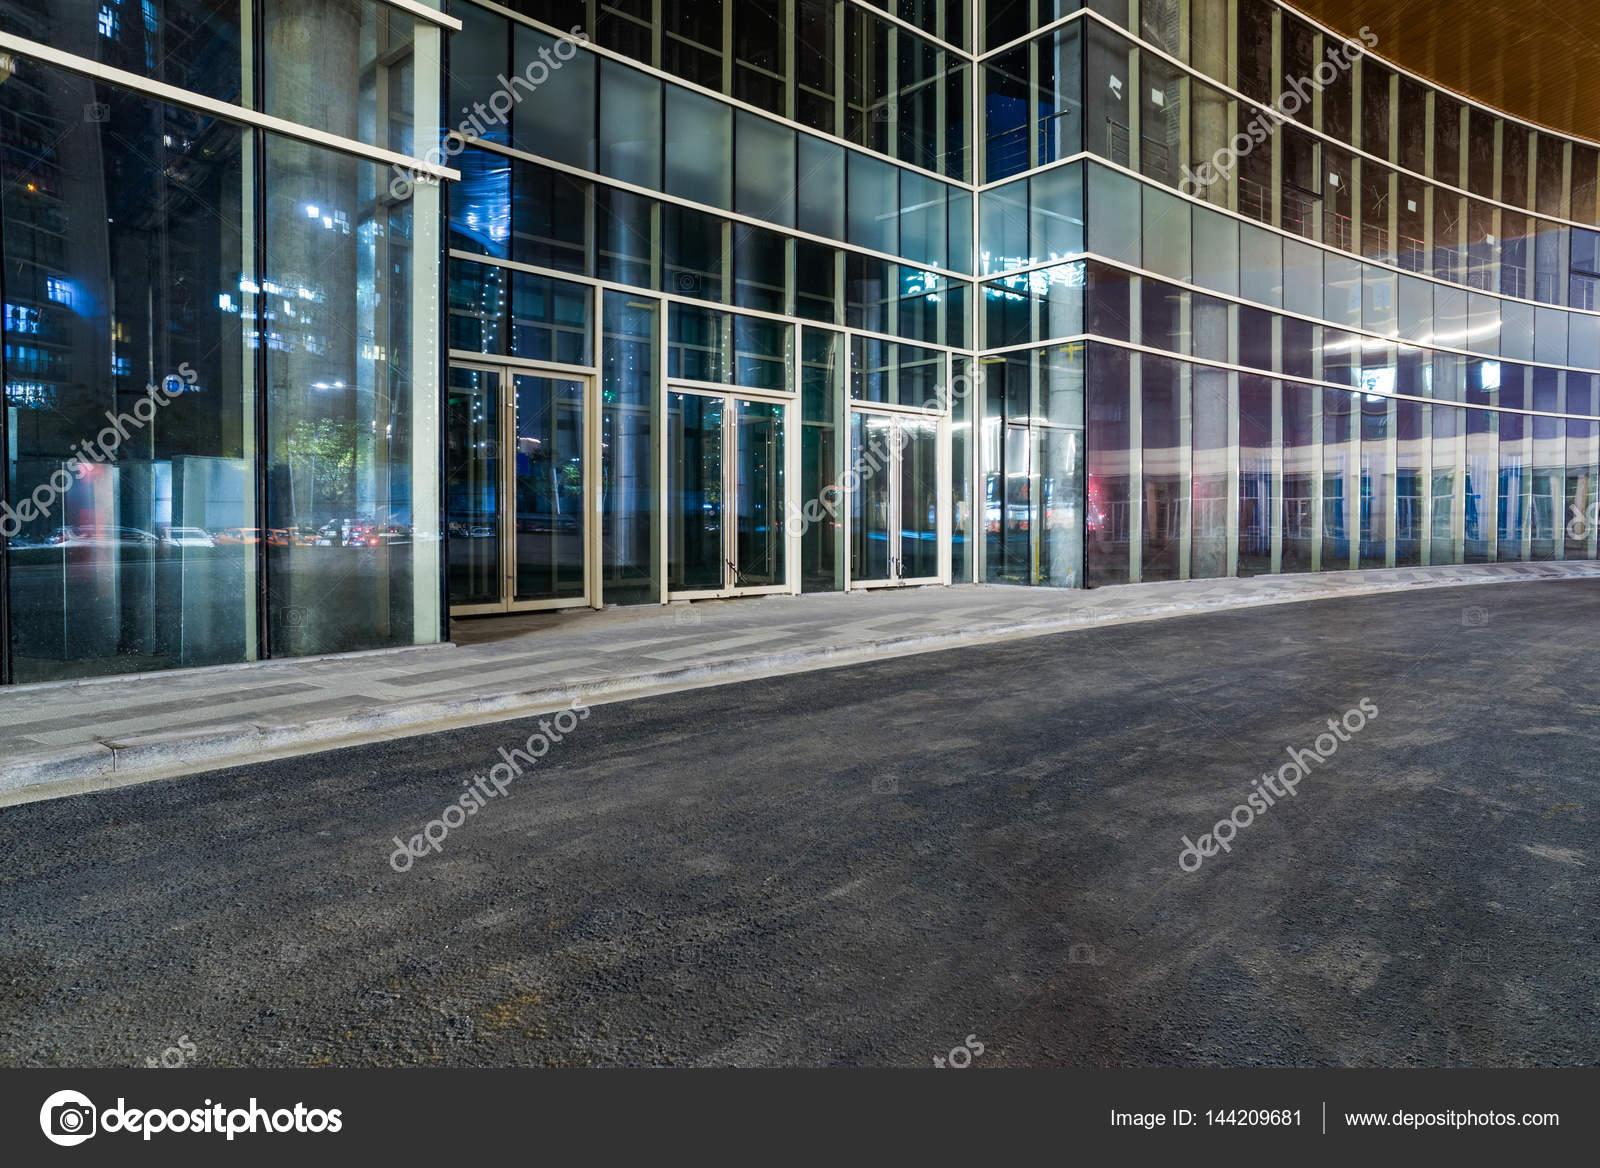 Pavimento Esterno Moderno : Esterno di un edificio moderno con pavimento vuoto u foto stock